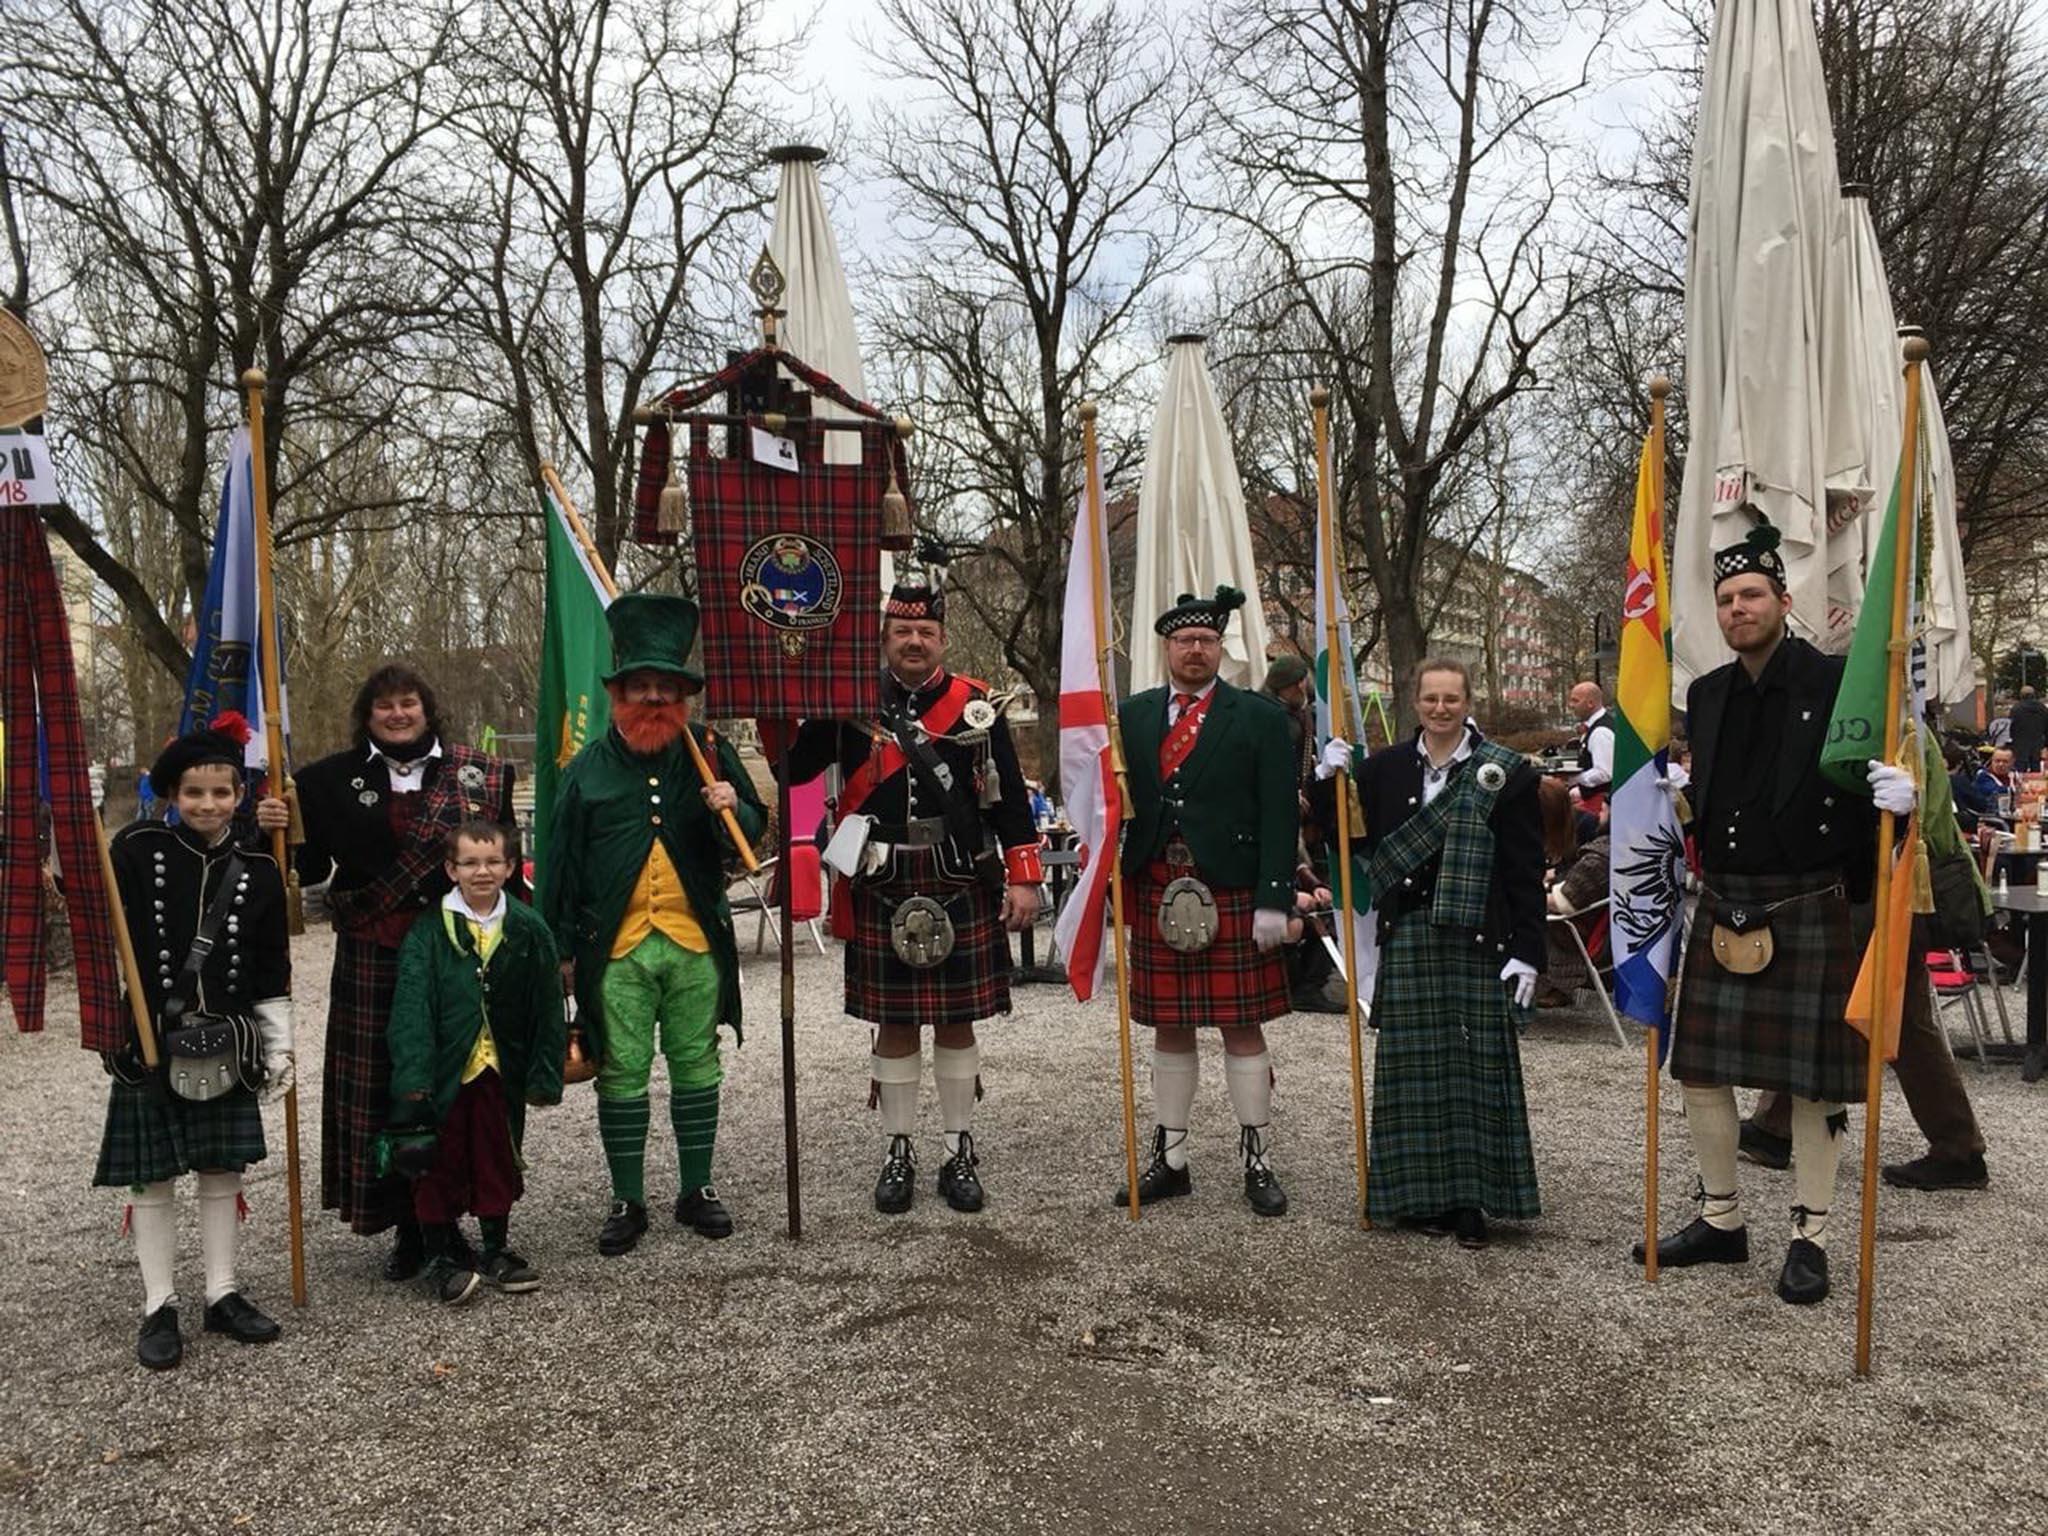 Regelmäßig besucht der Verein aus dem Landkreis Schweinfurt befreundete Clans. Foto: Clan McEL.